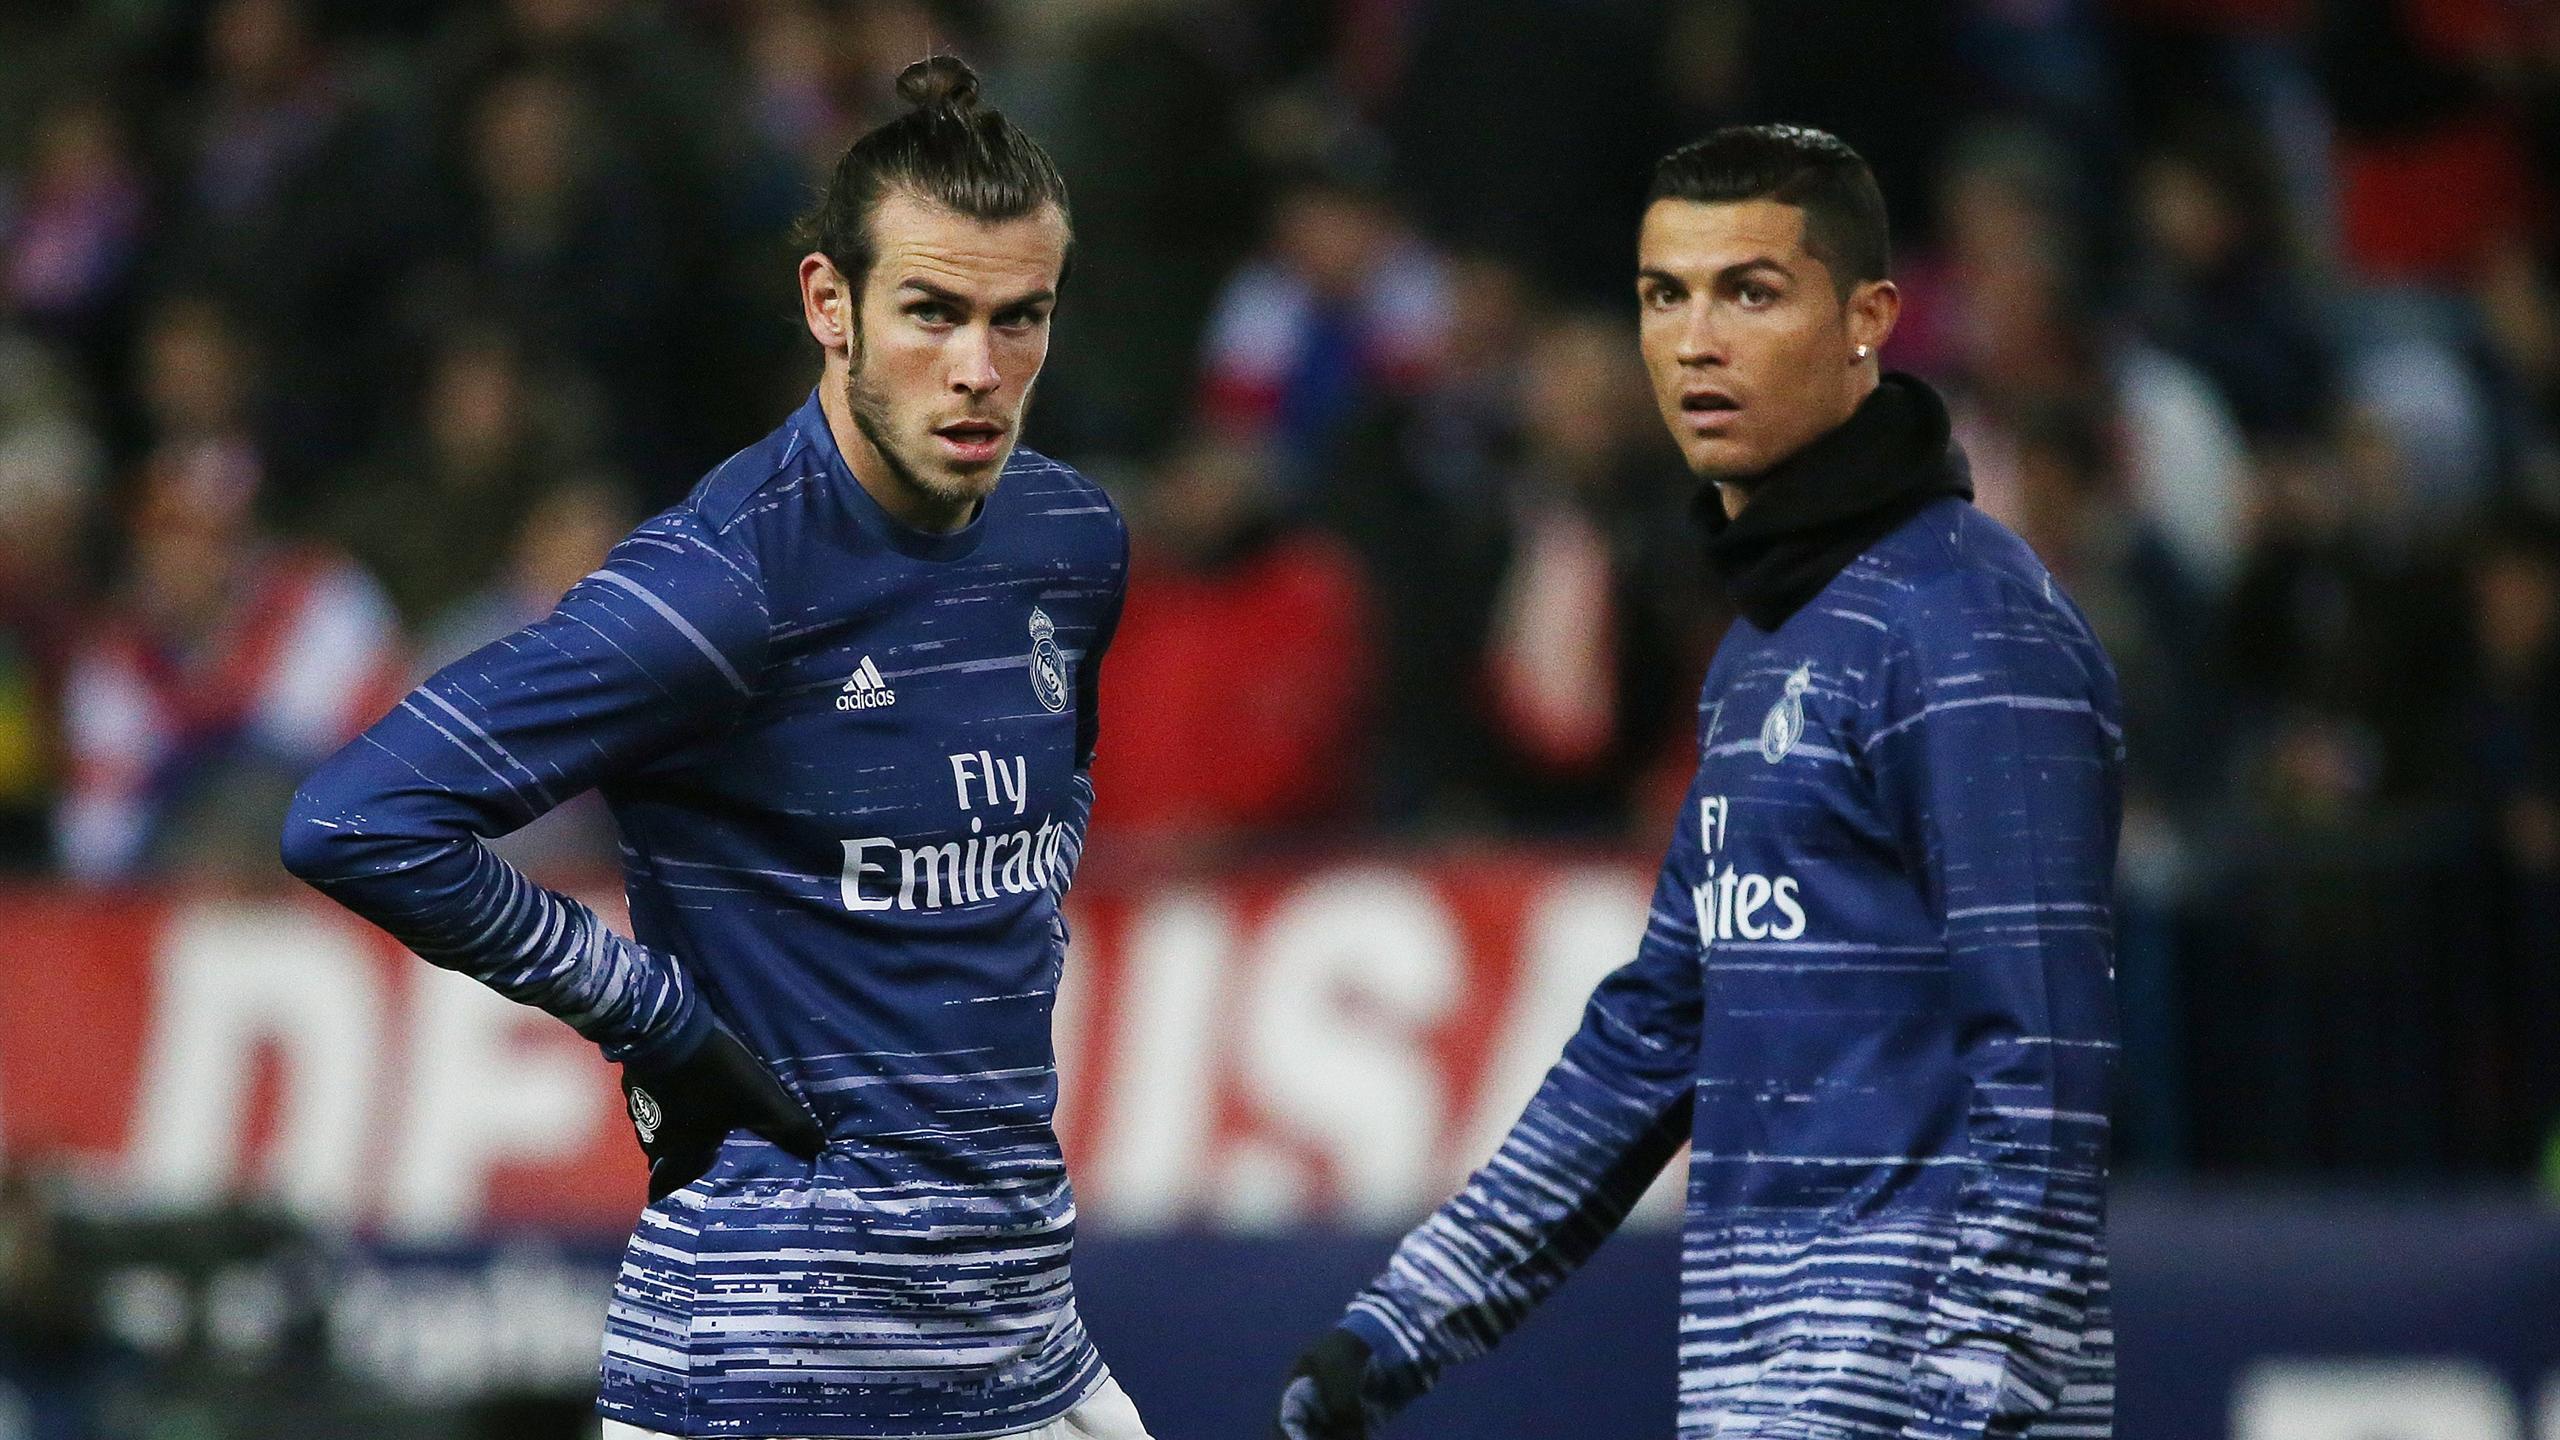 Real Madrid's Gareth Bale (L) and Cristiano Ronaldo